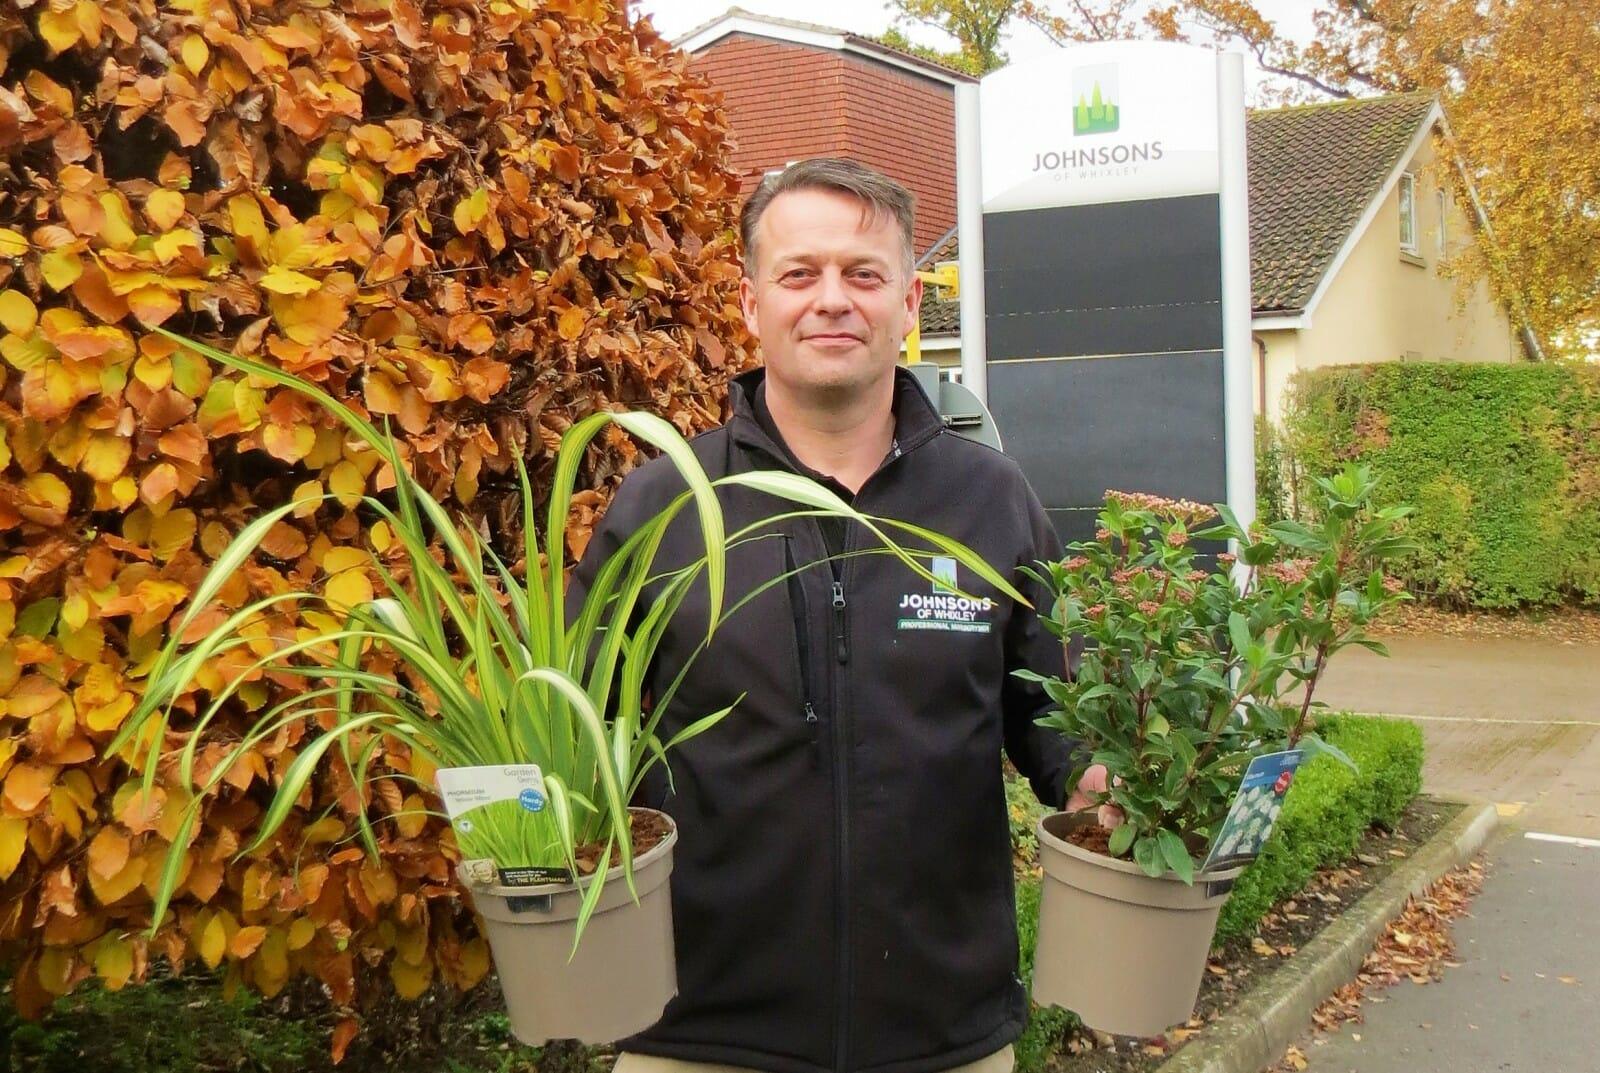 plant pots aimed at reducing landfill